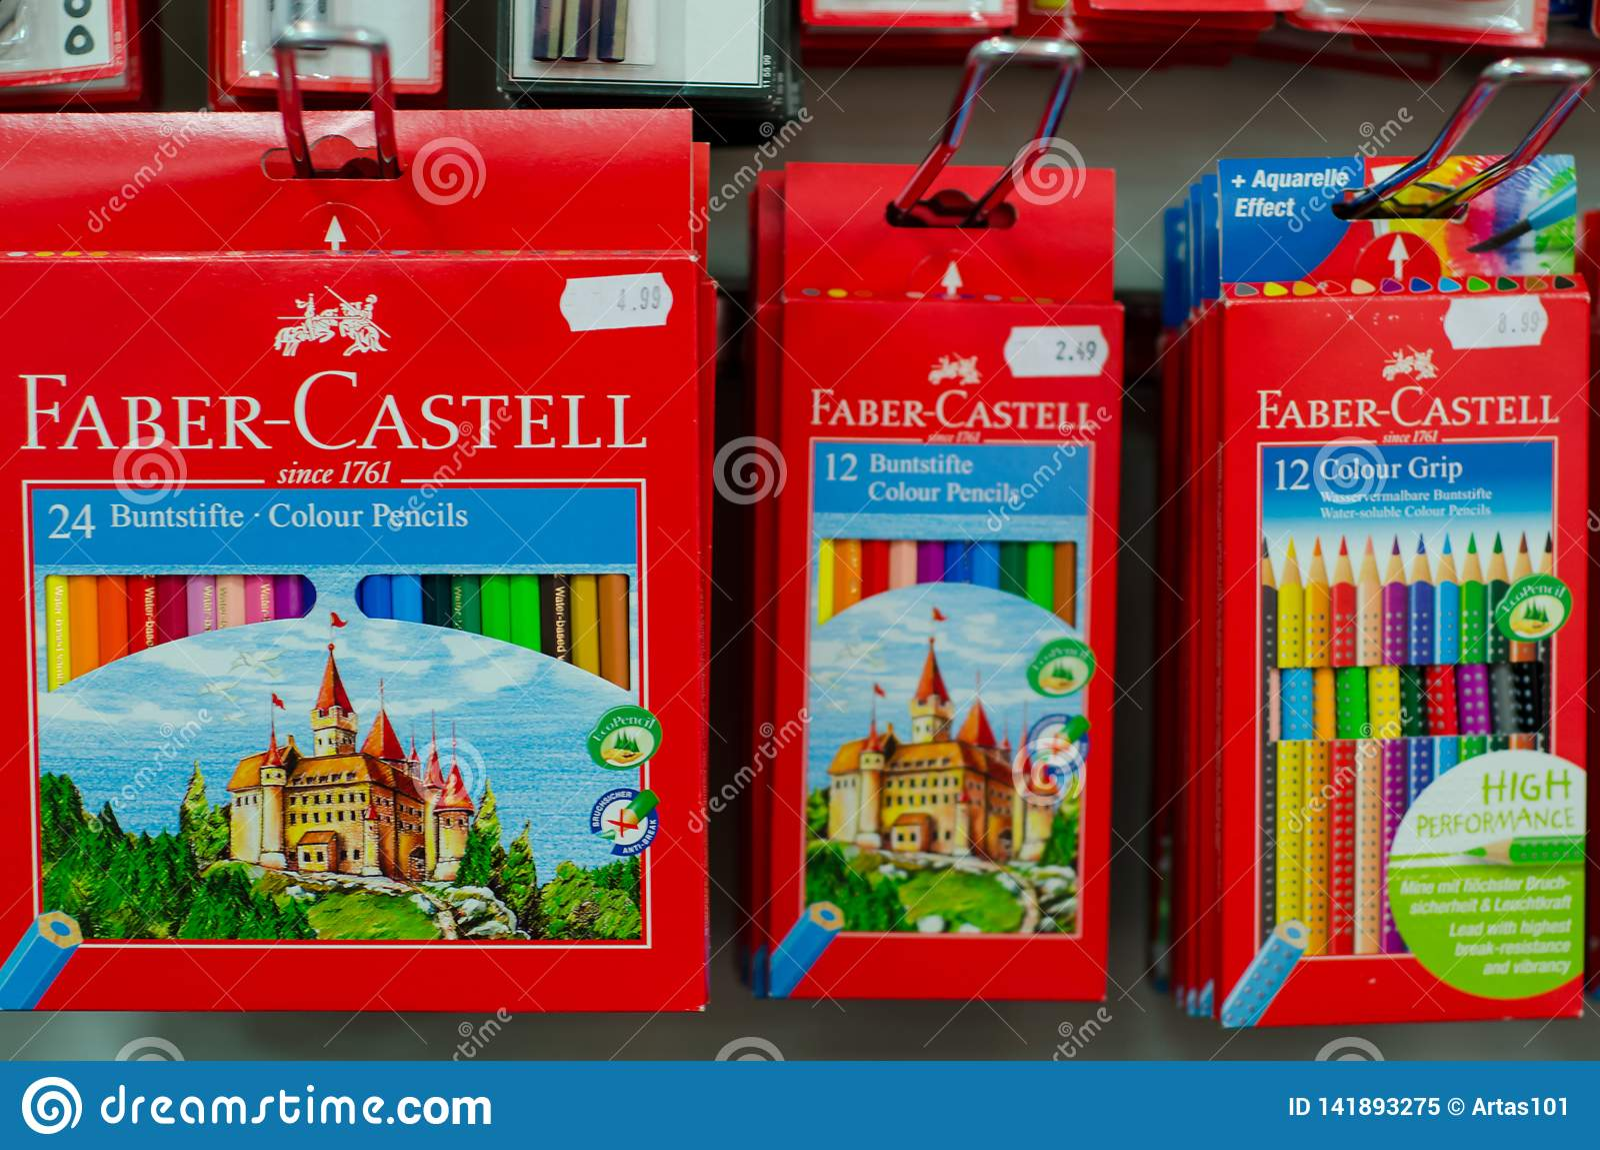 Soest, Duitsland - Januari 3, 2019: Fabercastell potlood voor verkoop in de winkel wordt geplaatst die